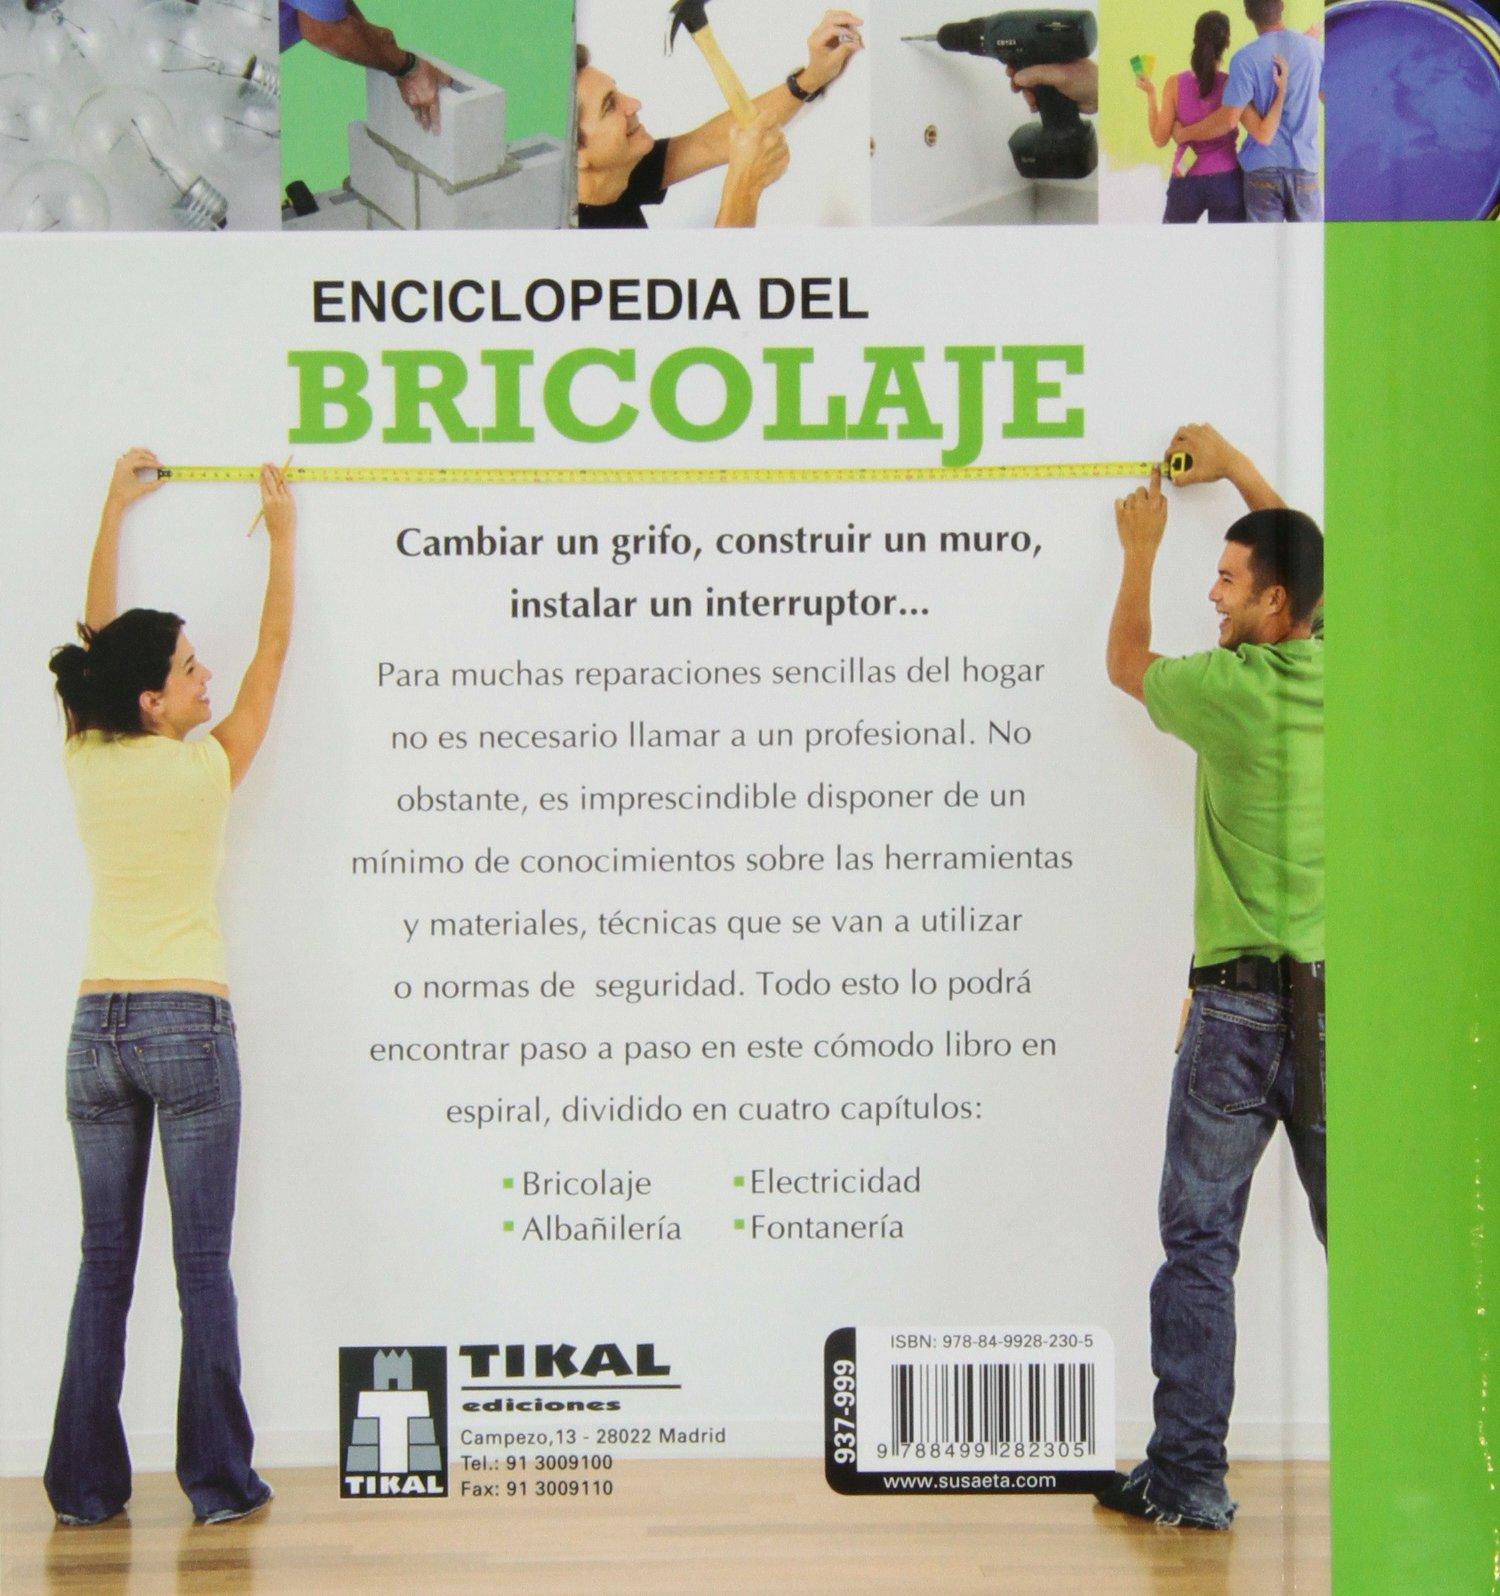 Enciclopedia del bricolaje Enciclopedia de bricolaje: Amazon.es: Equipo Susaeta: Libros